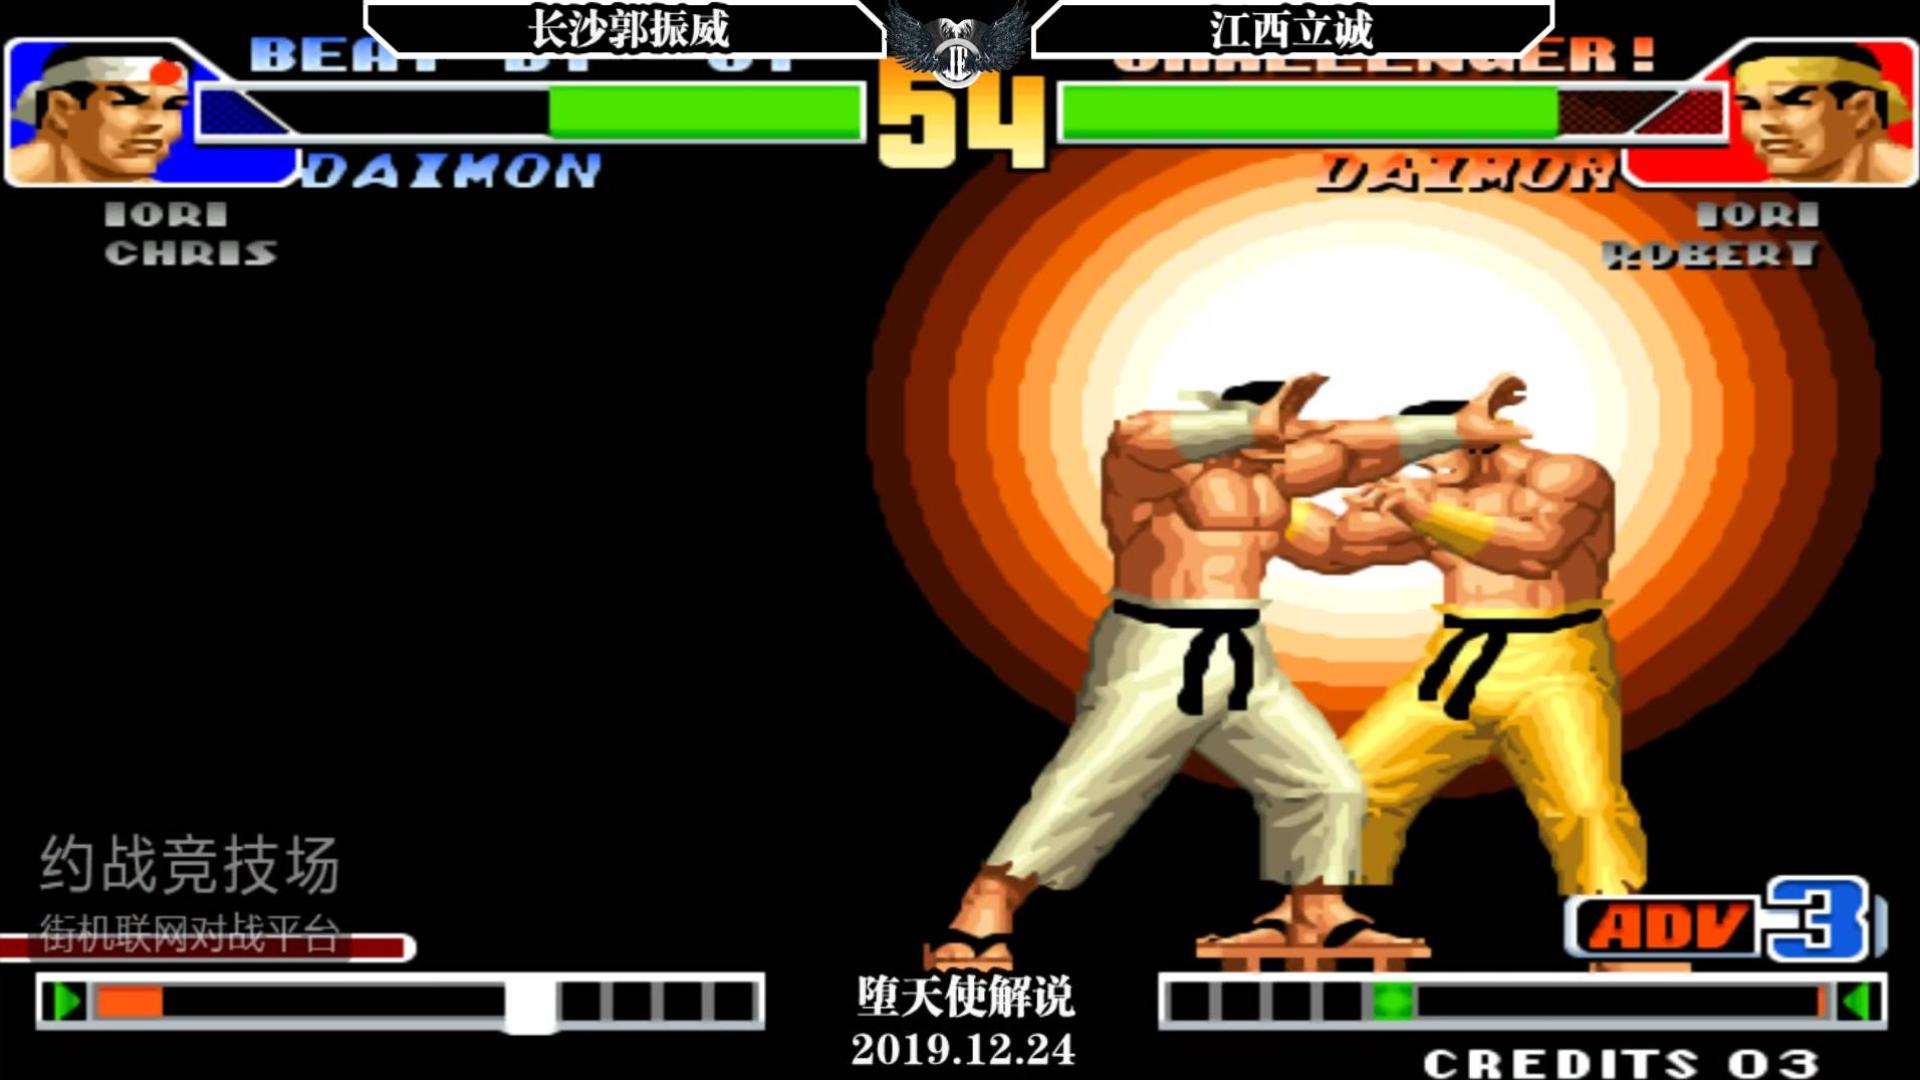 拳皇98 郭振威最后大门这个max超杀太亮了!